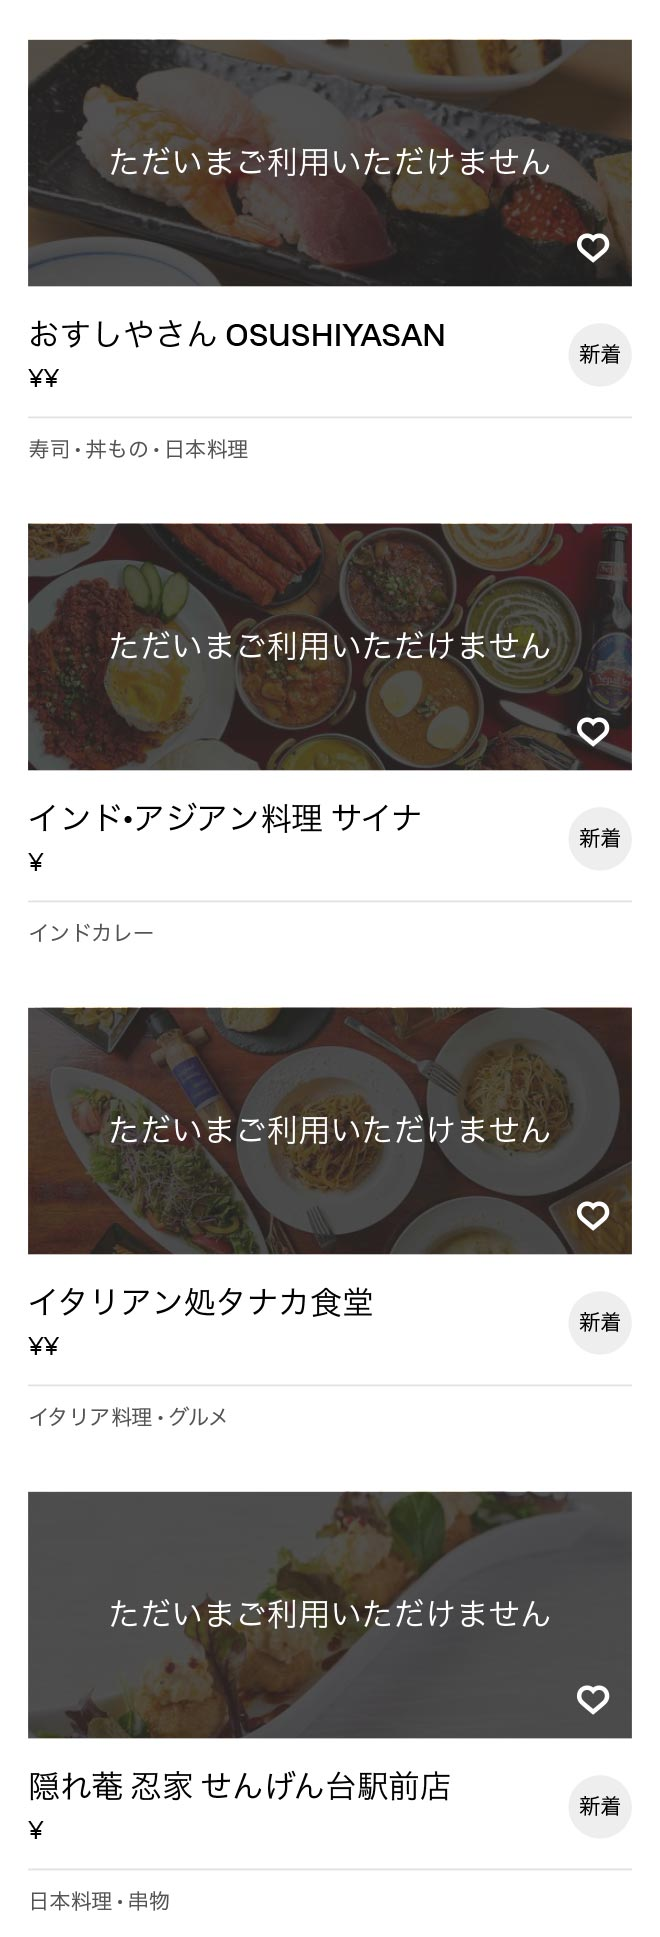 Takesato menu 2009 06